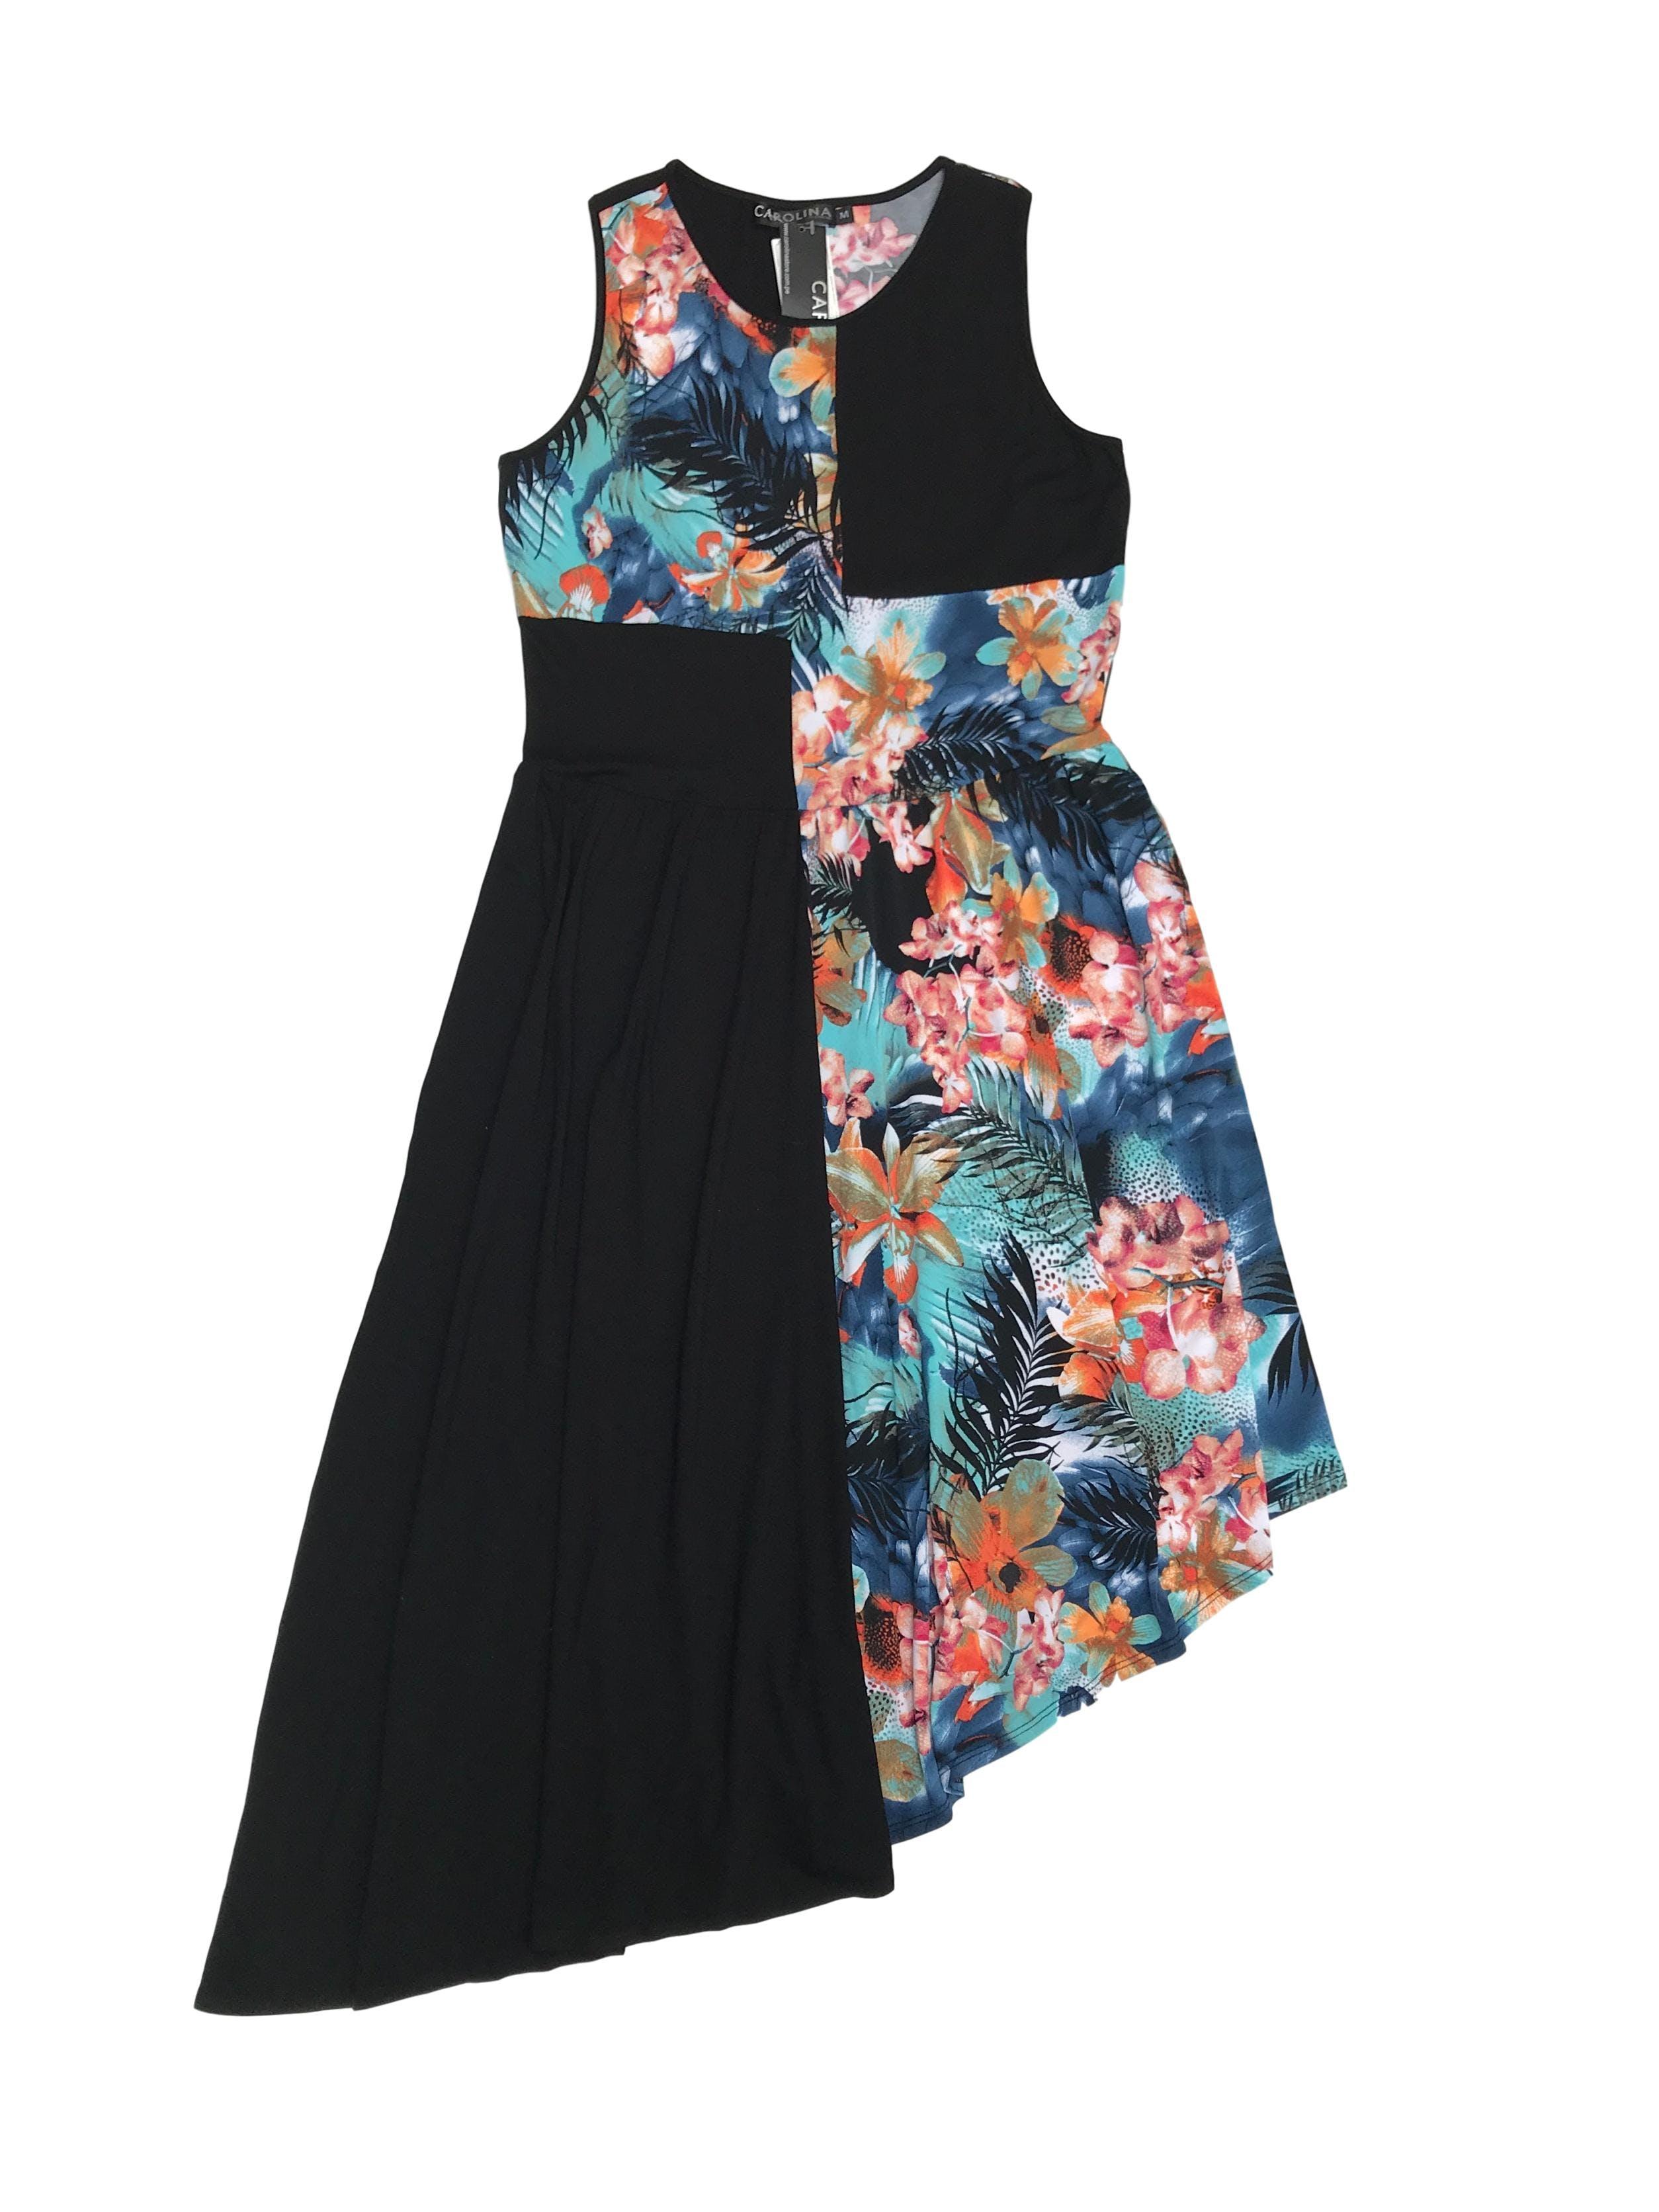 Vestido midi Carolina de basta asimétrica, tela tipo algodón en bloques y recogido en la cintura. Busto 96cm Cintura 84cm Largo 90 - 125cm Nuevo con etiqueta, precio original S/ 190